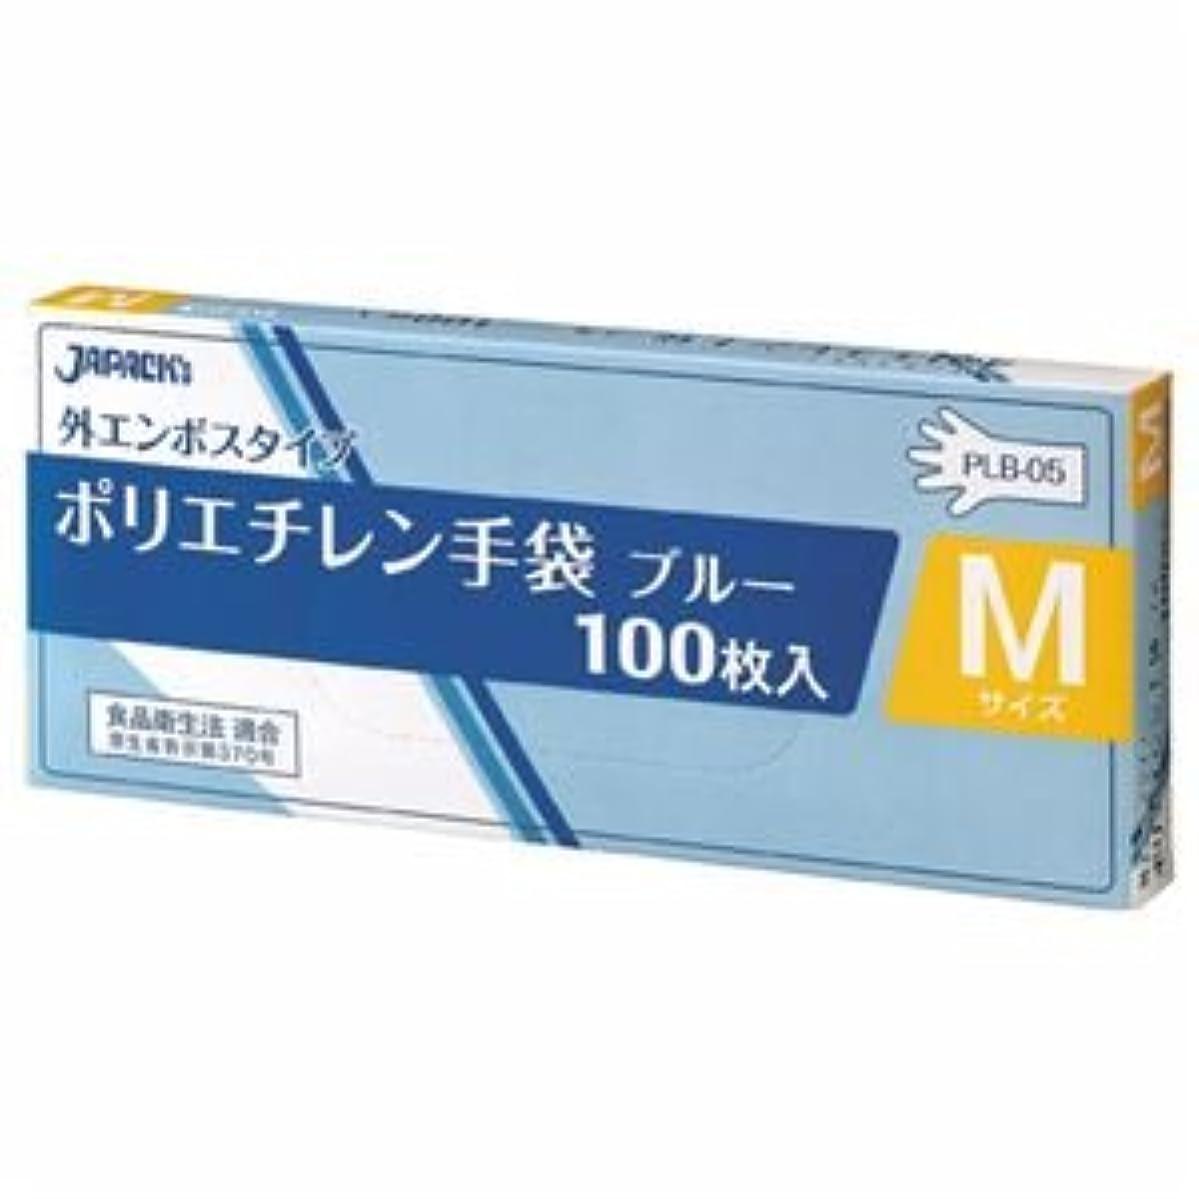 施設取るに足らないフリース(まとめ) ジャパックス 外エンボスLDポリ手袋BOX M 青 PLB05 1パック(100枚) 【×20セット】